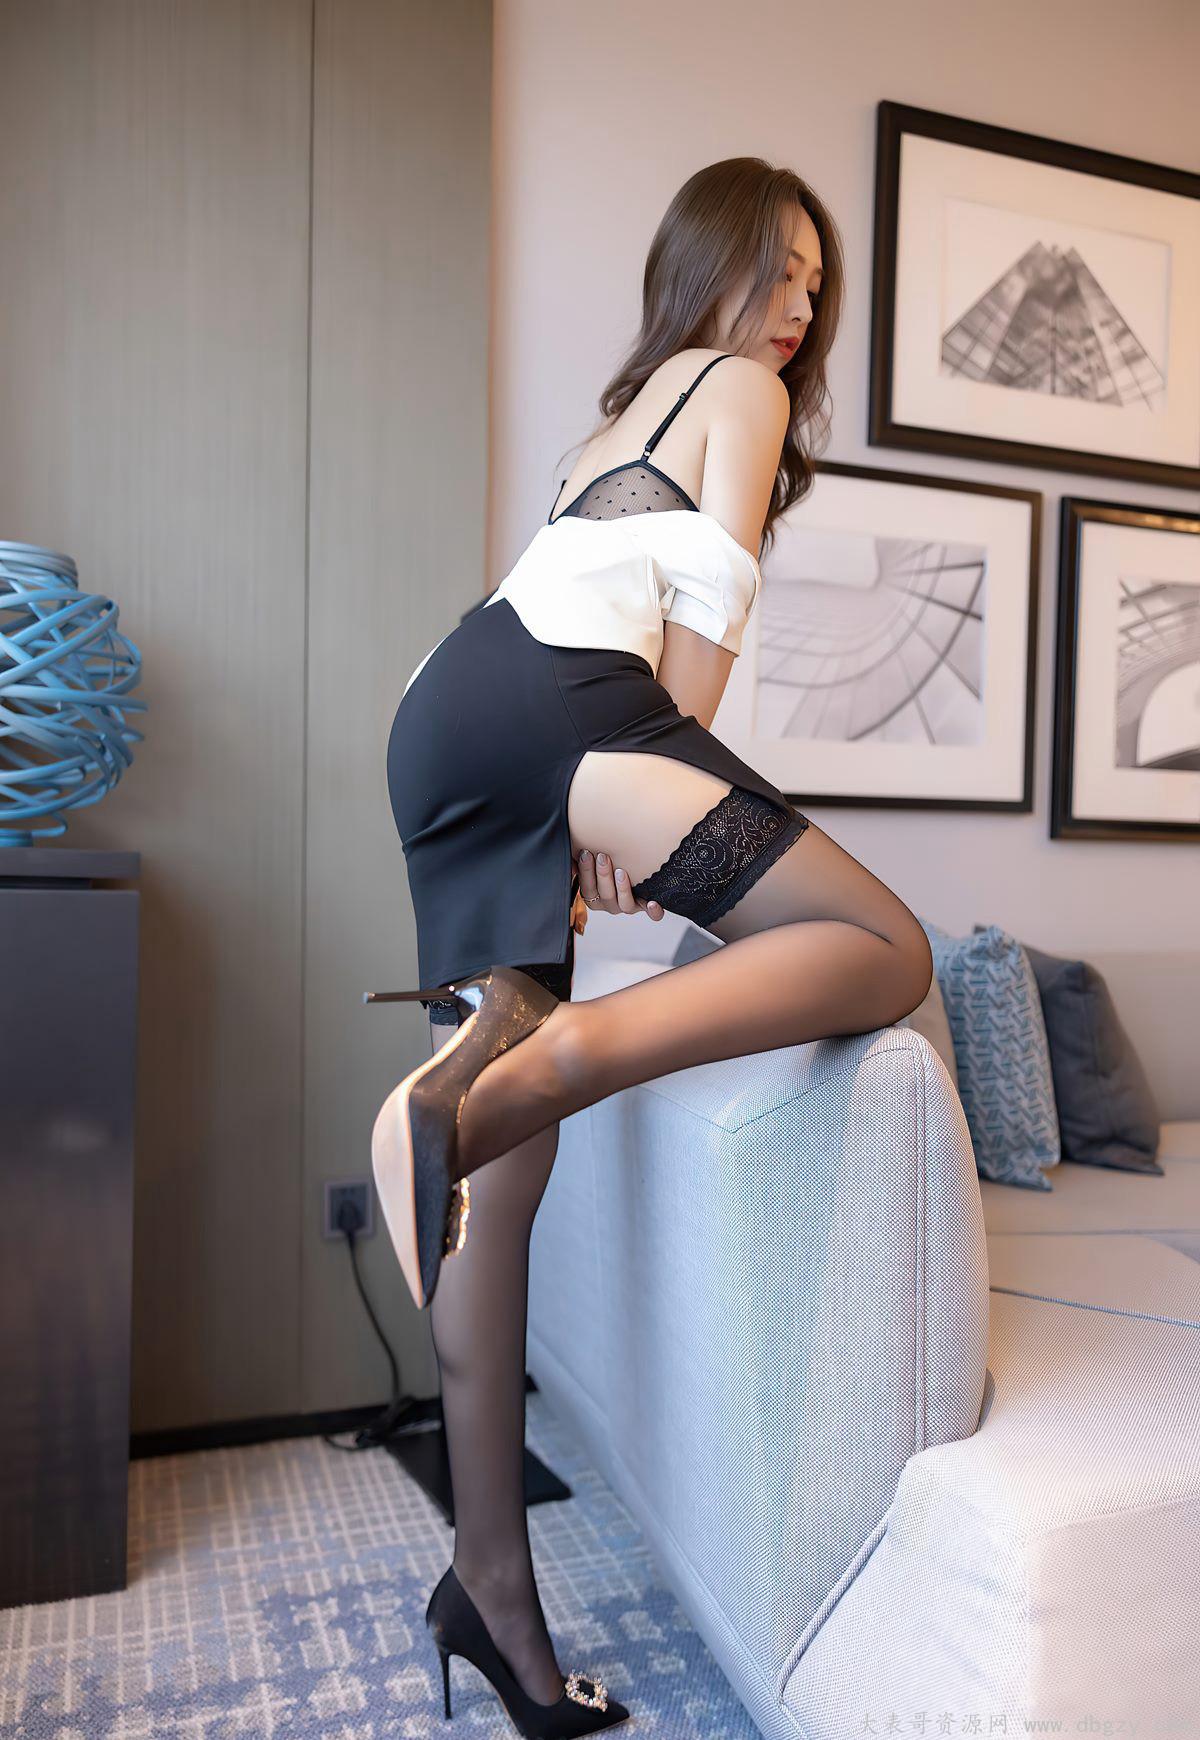 酒店销魂姿势黑丝袜美腿诱惑翘臀制服高跟写真